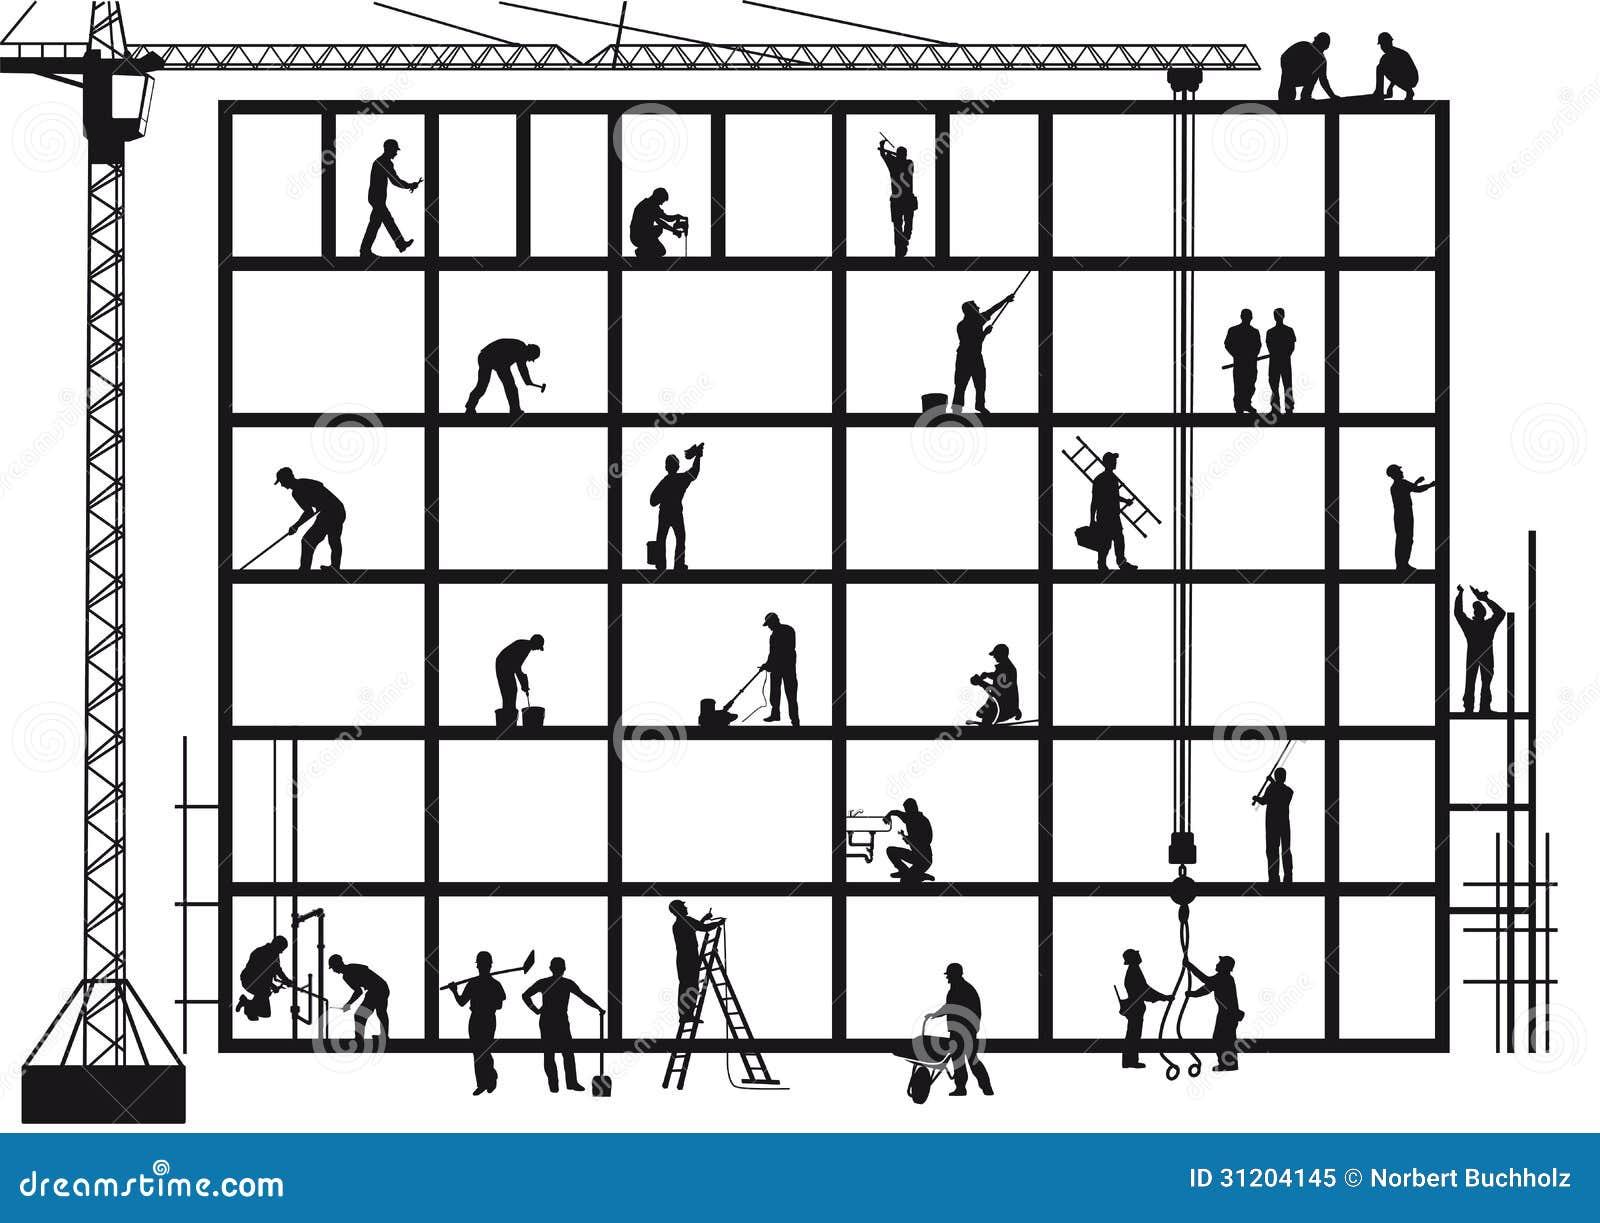 Haus baustelle clipart  Handwerker Auf Baustelle Lizenzfreies Stockfoto - Bild: 31204145